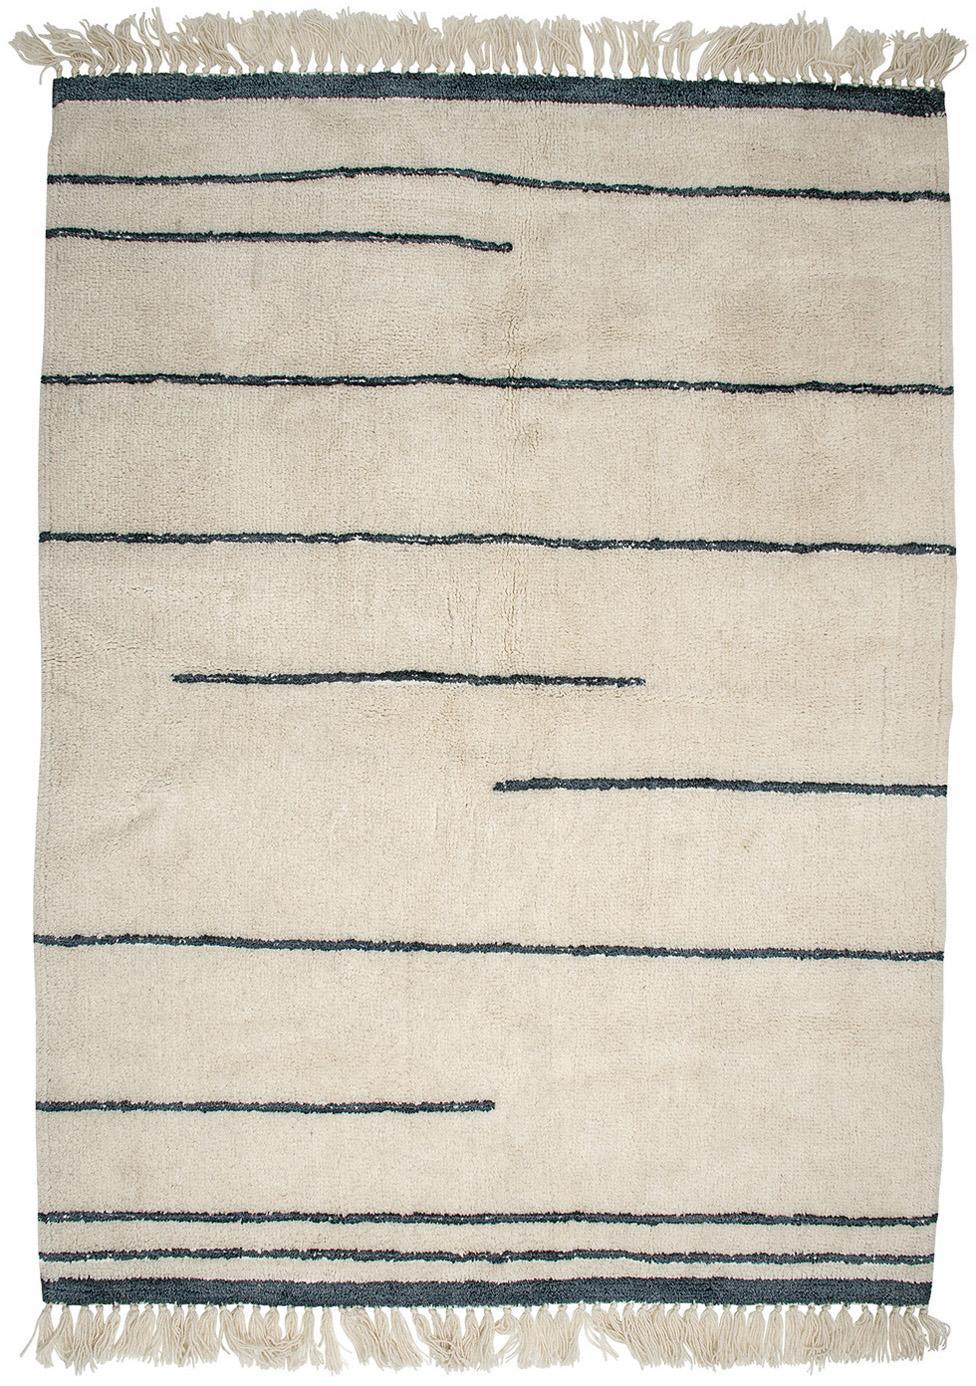 Wollteppich Nora in Beige/Grau mit Fransen, Beige, Anthrazit, B 140 x L 200 cm (Größe S)